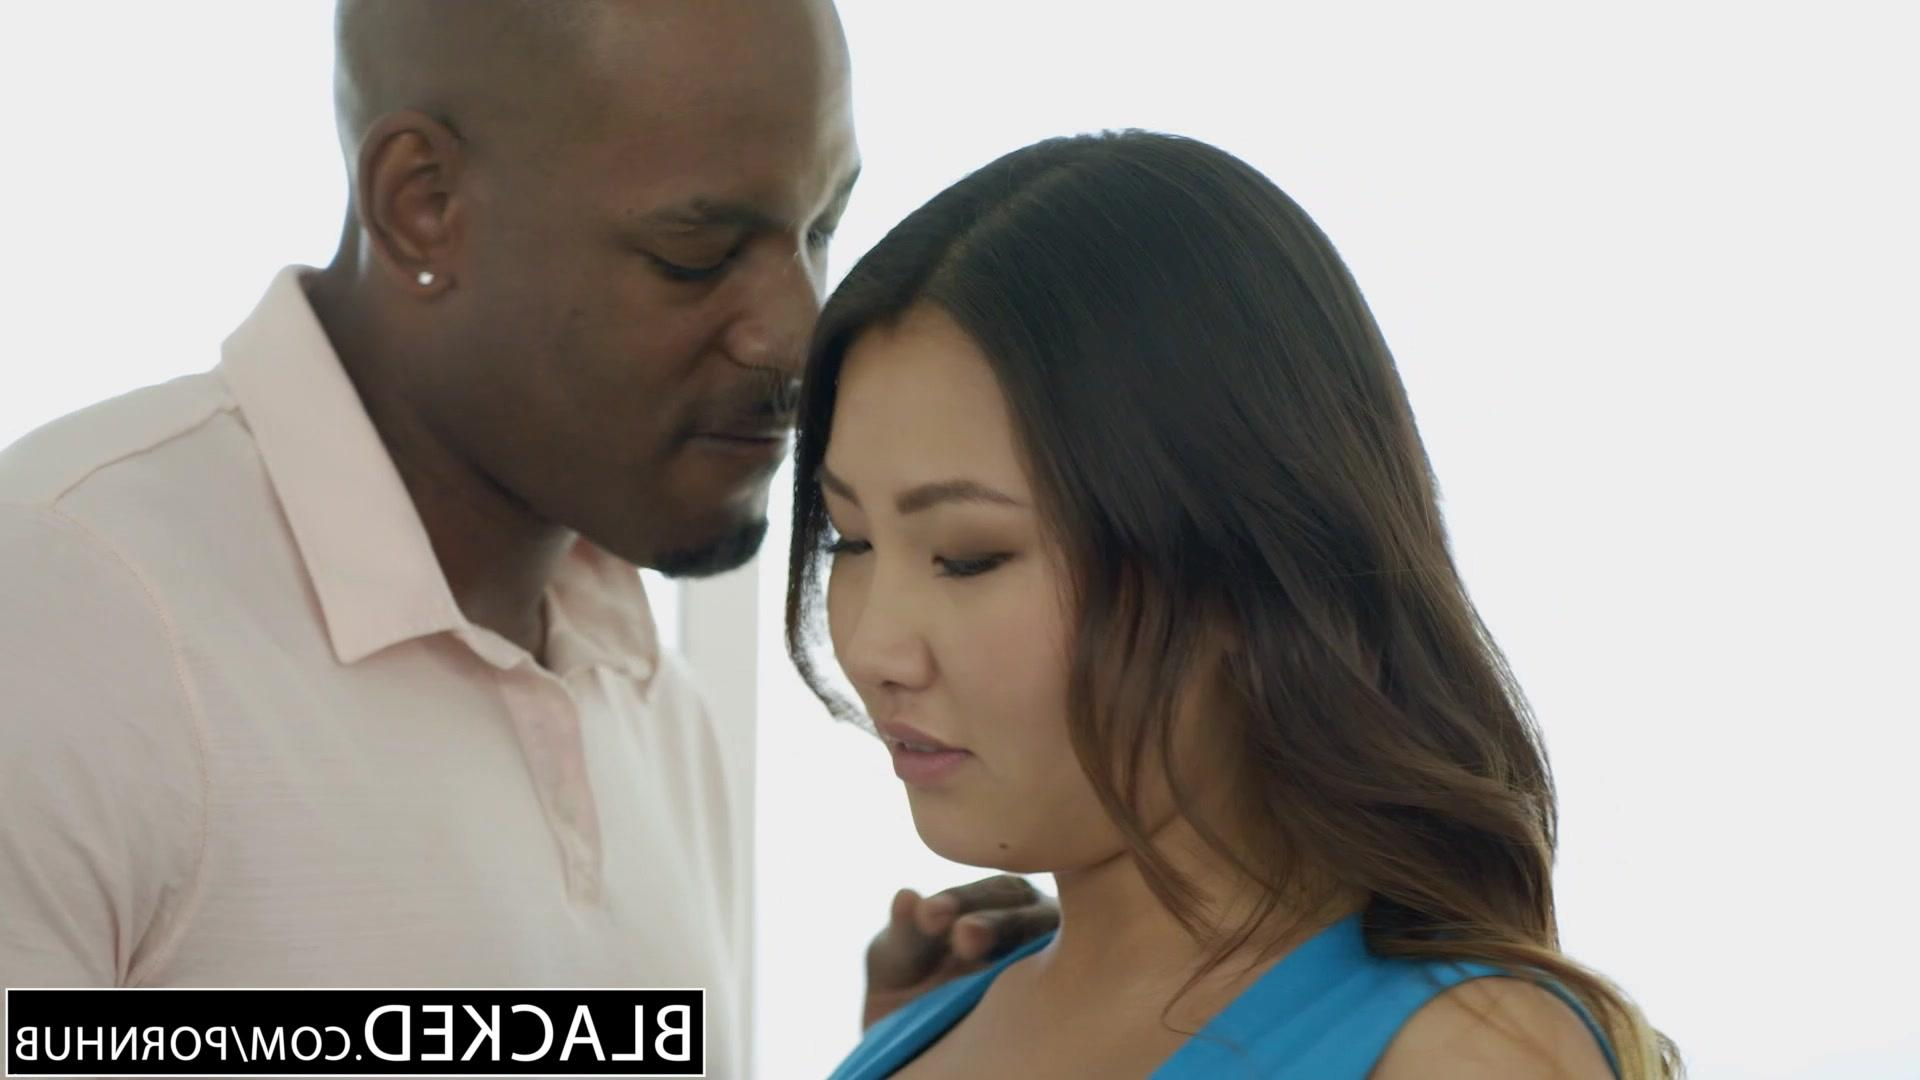 Порновидео: азиатка сосет негру фото 78-814